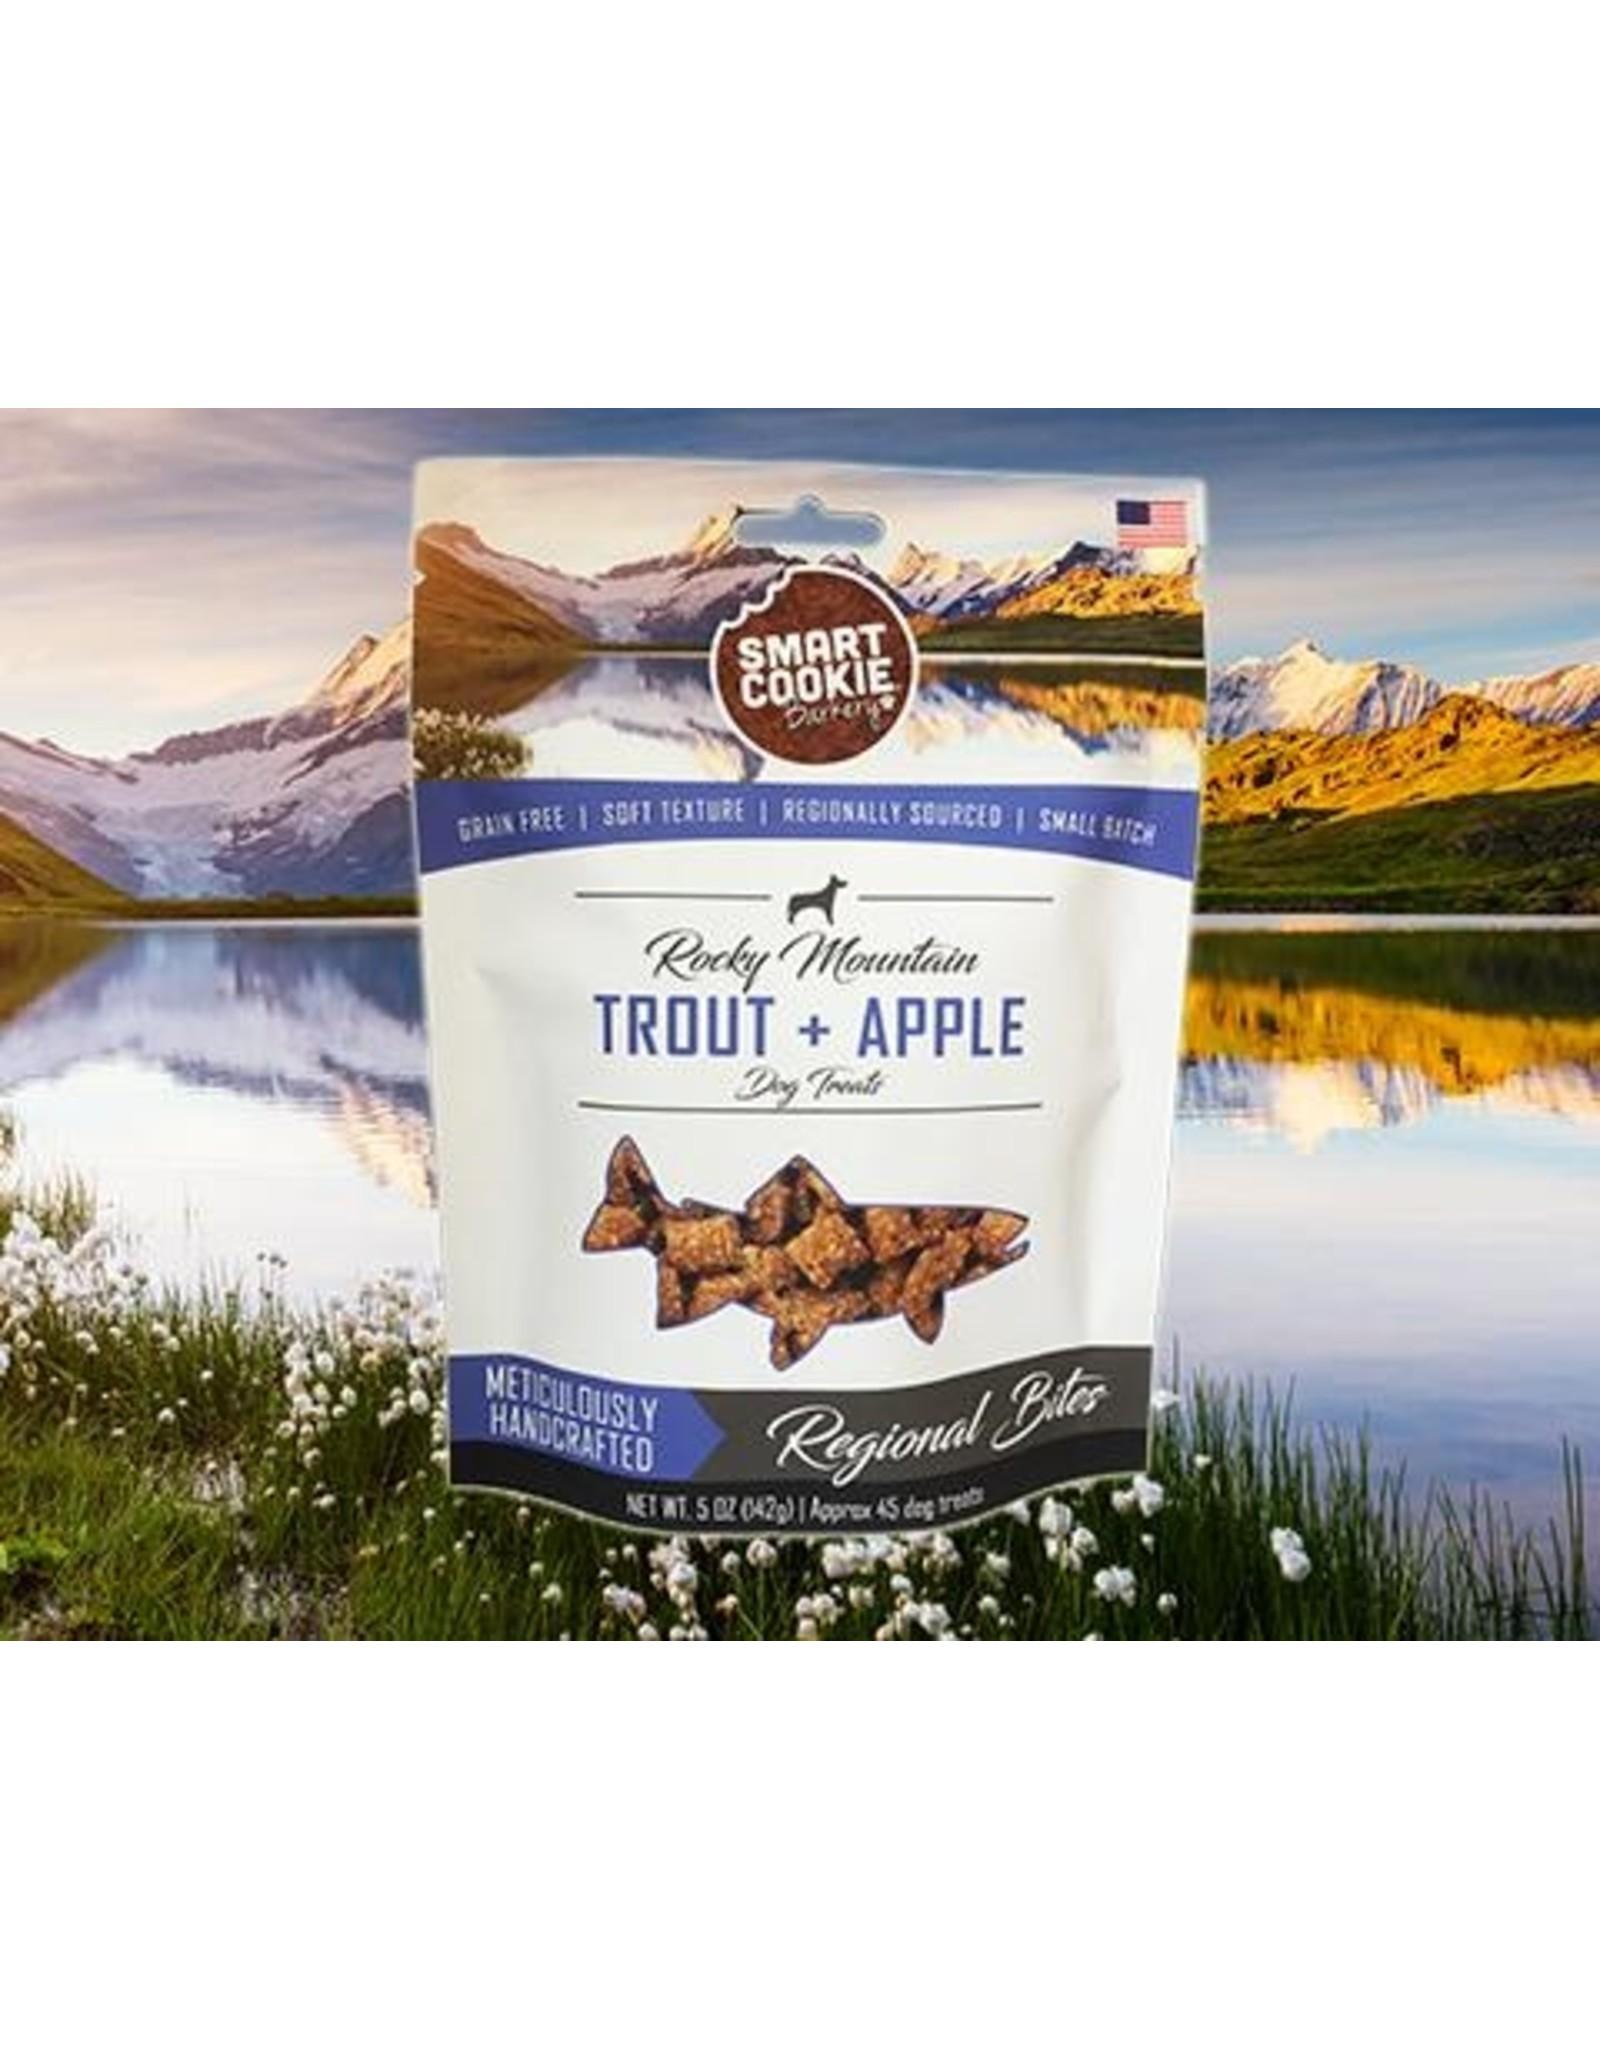 Smart: Trout & Apple 5oz